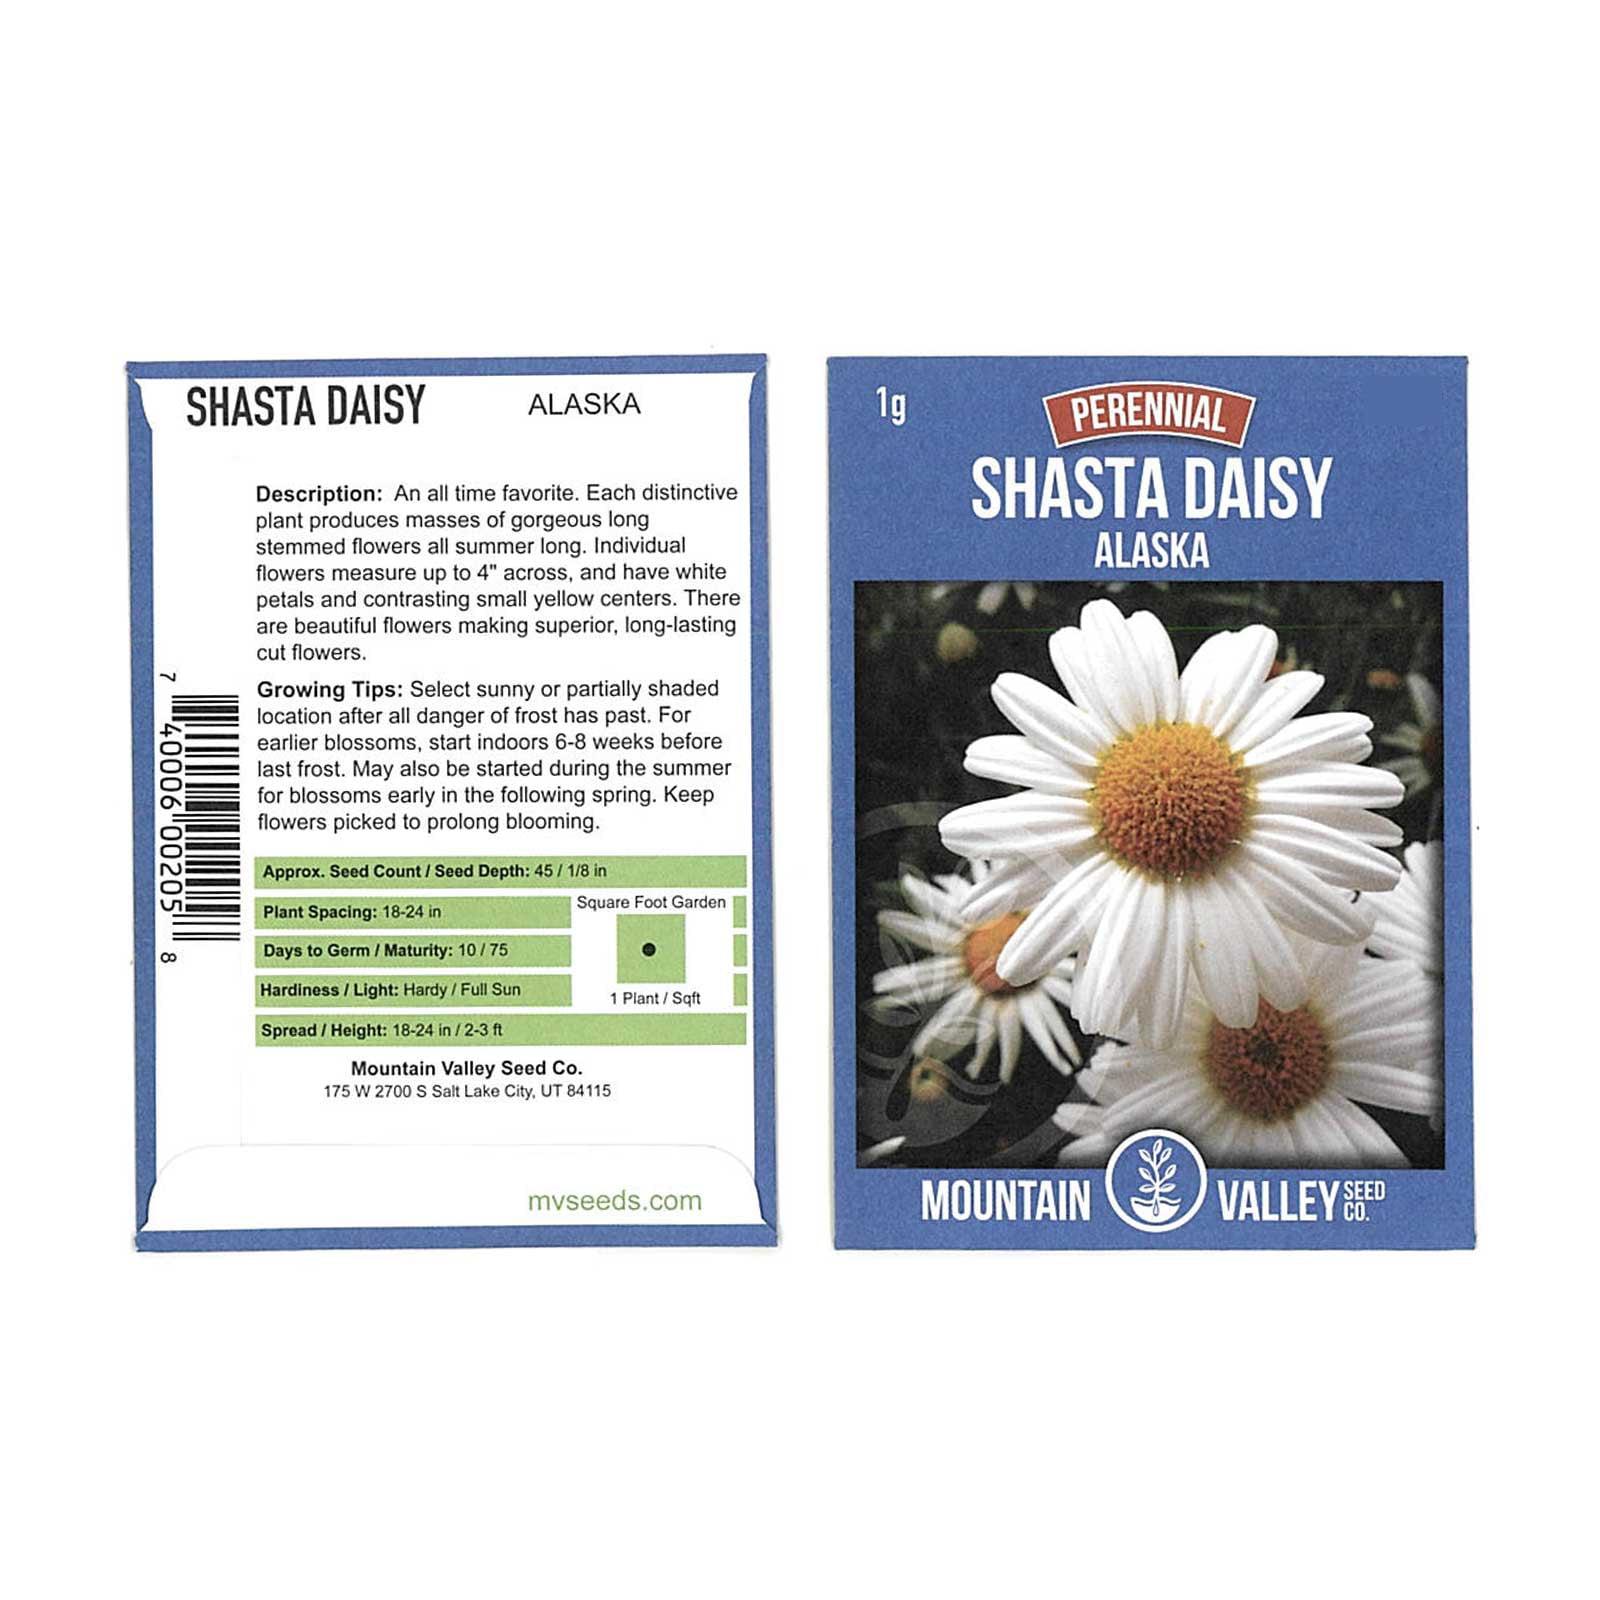 Shasta Daisy Flower Seeds - Alaska Variety - 1 Gram Seed Packet ...